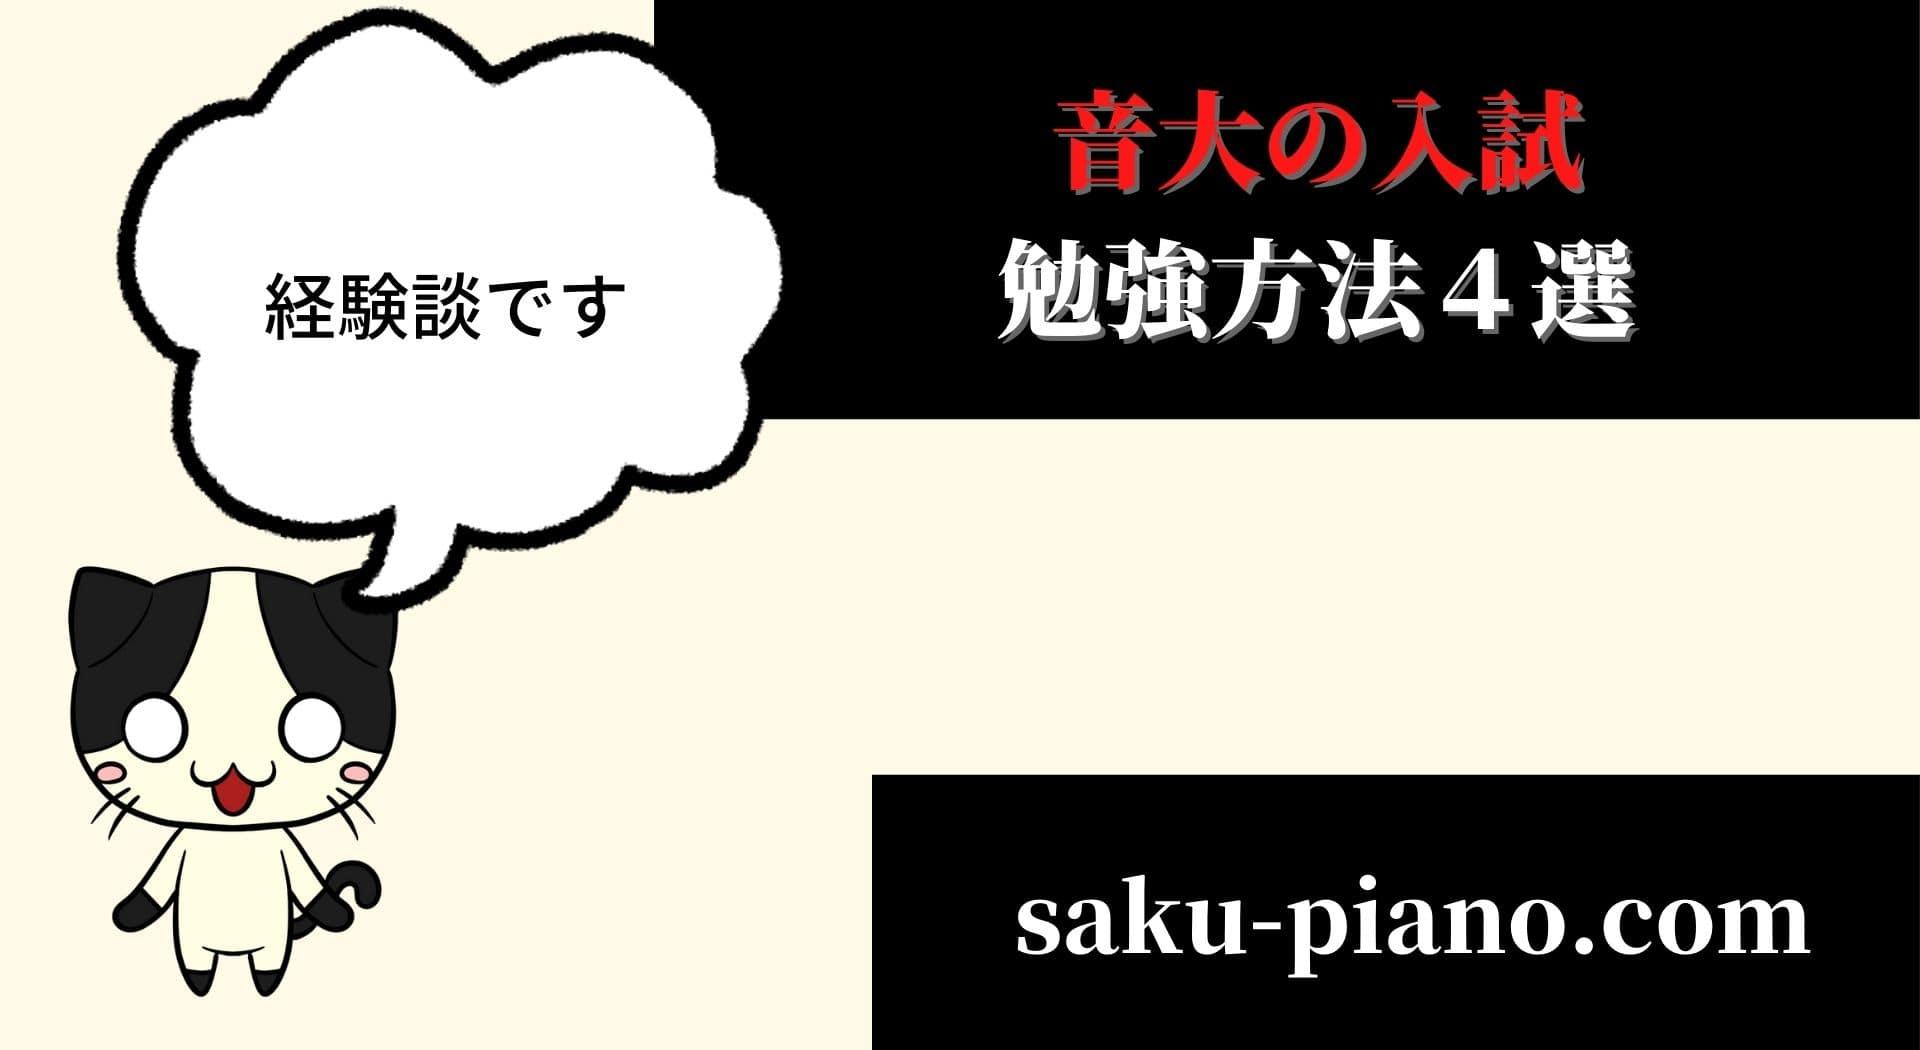 「音大の入試のための勉強方法4選!【ピアニストが教える】」のアイキャッチ画像